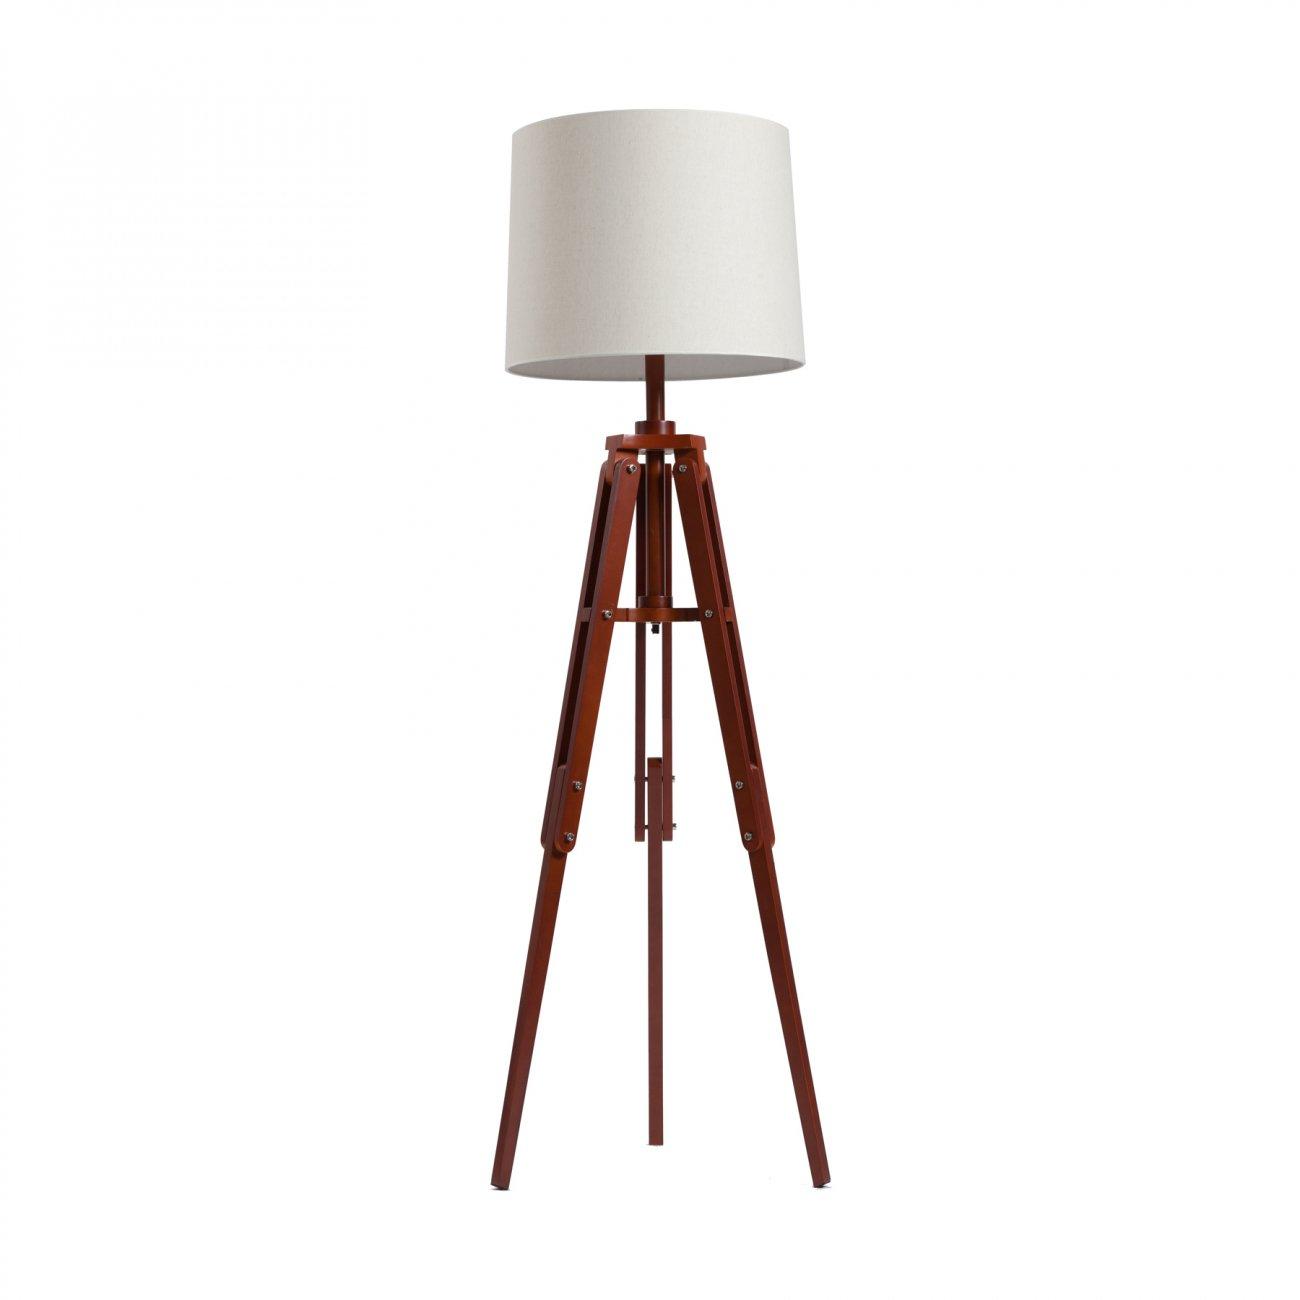 Напольный светильник Vintage Tripod Floor Lamp | Торшеры и напольные светильники